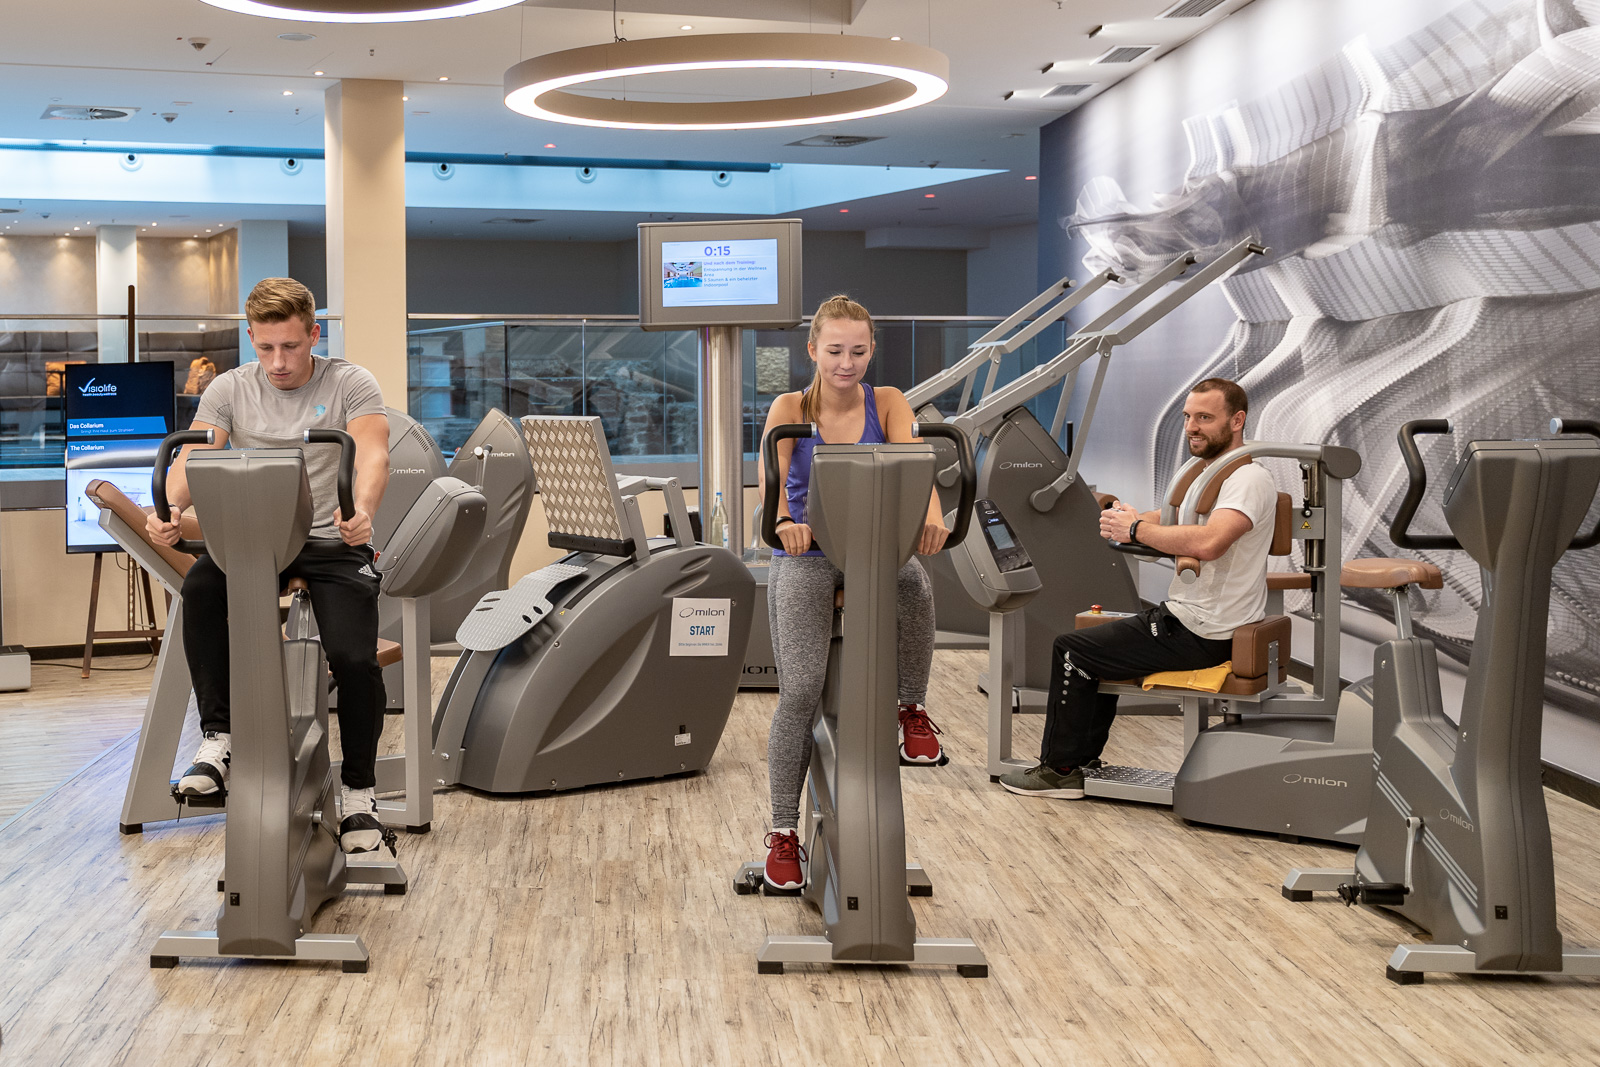 Unternehmensfotografie - Visiolife im Bonn Marriott Hotel - Fitnesscenter